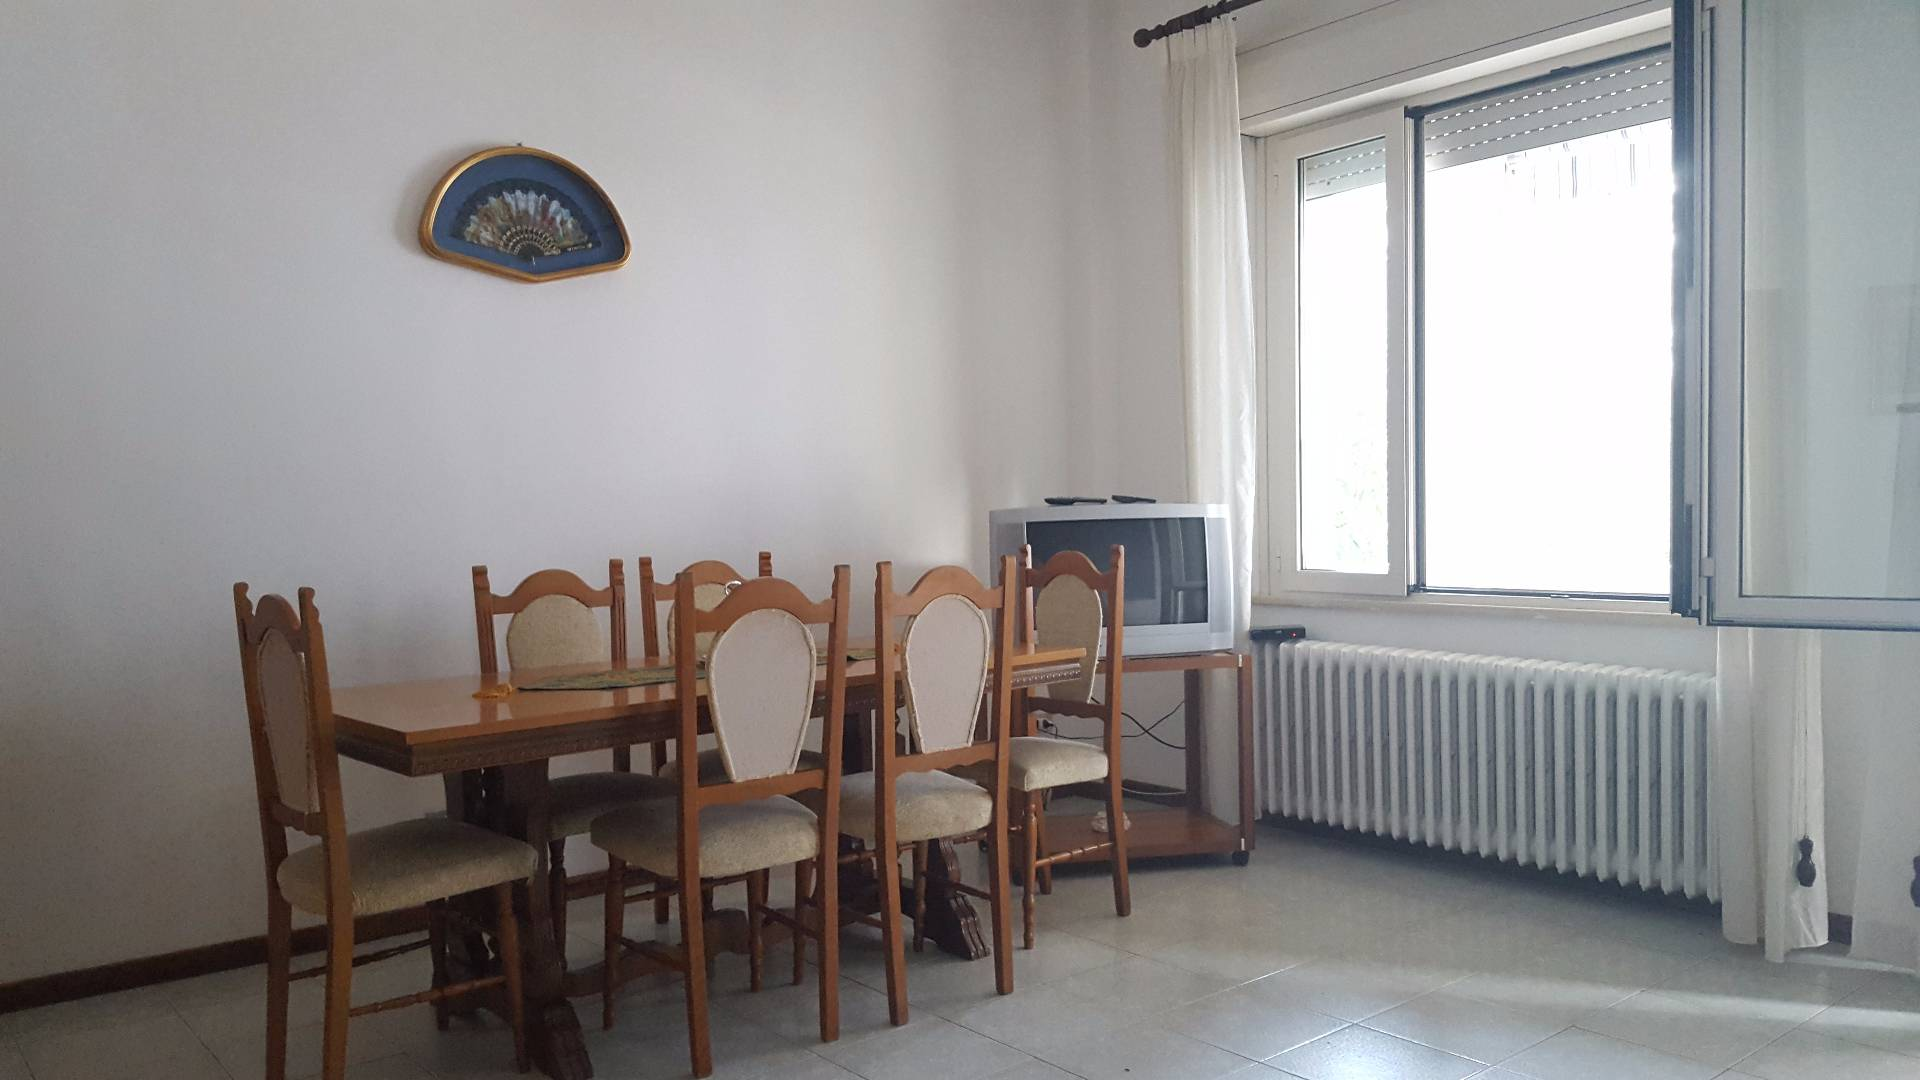 Appartamento in affitto a Giulianova, 3 locali, zona Località: Lido, prezzo € 500 | CambioCasa.it